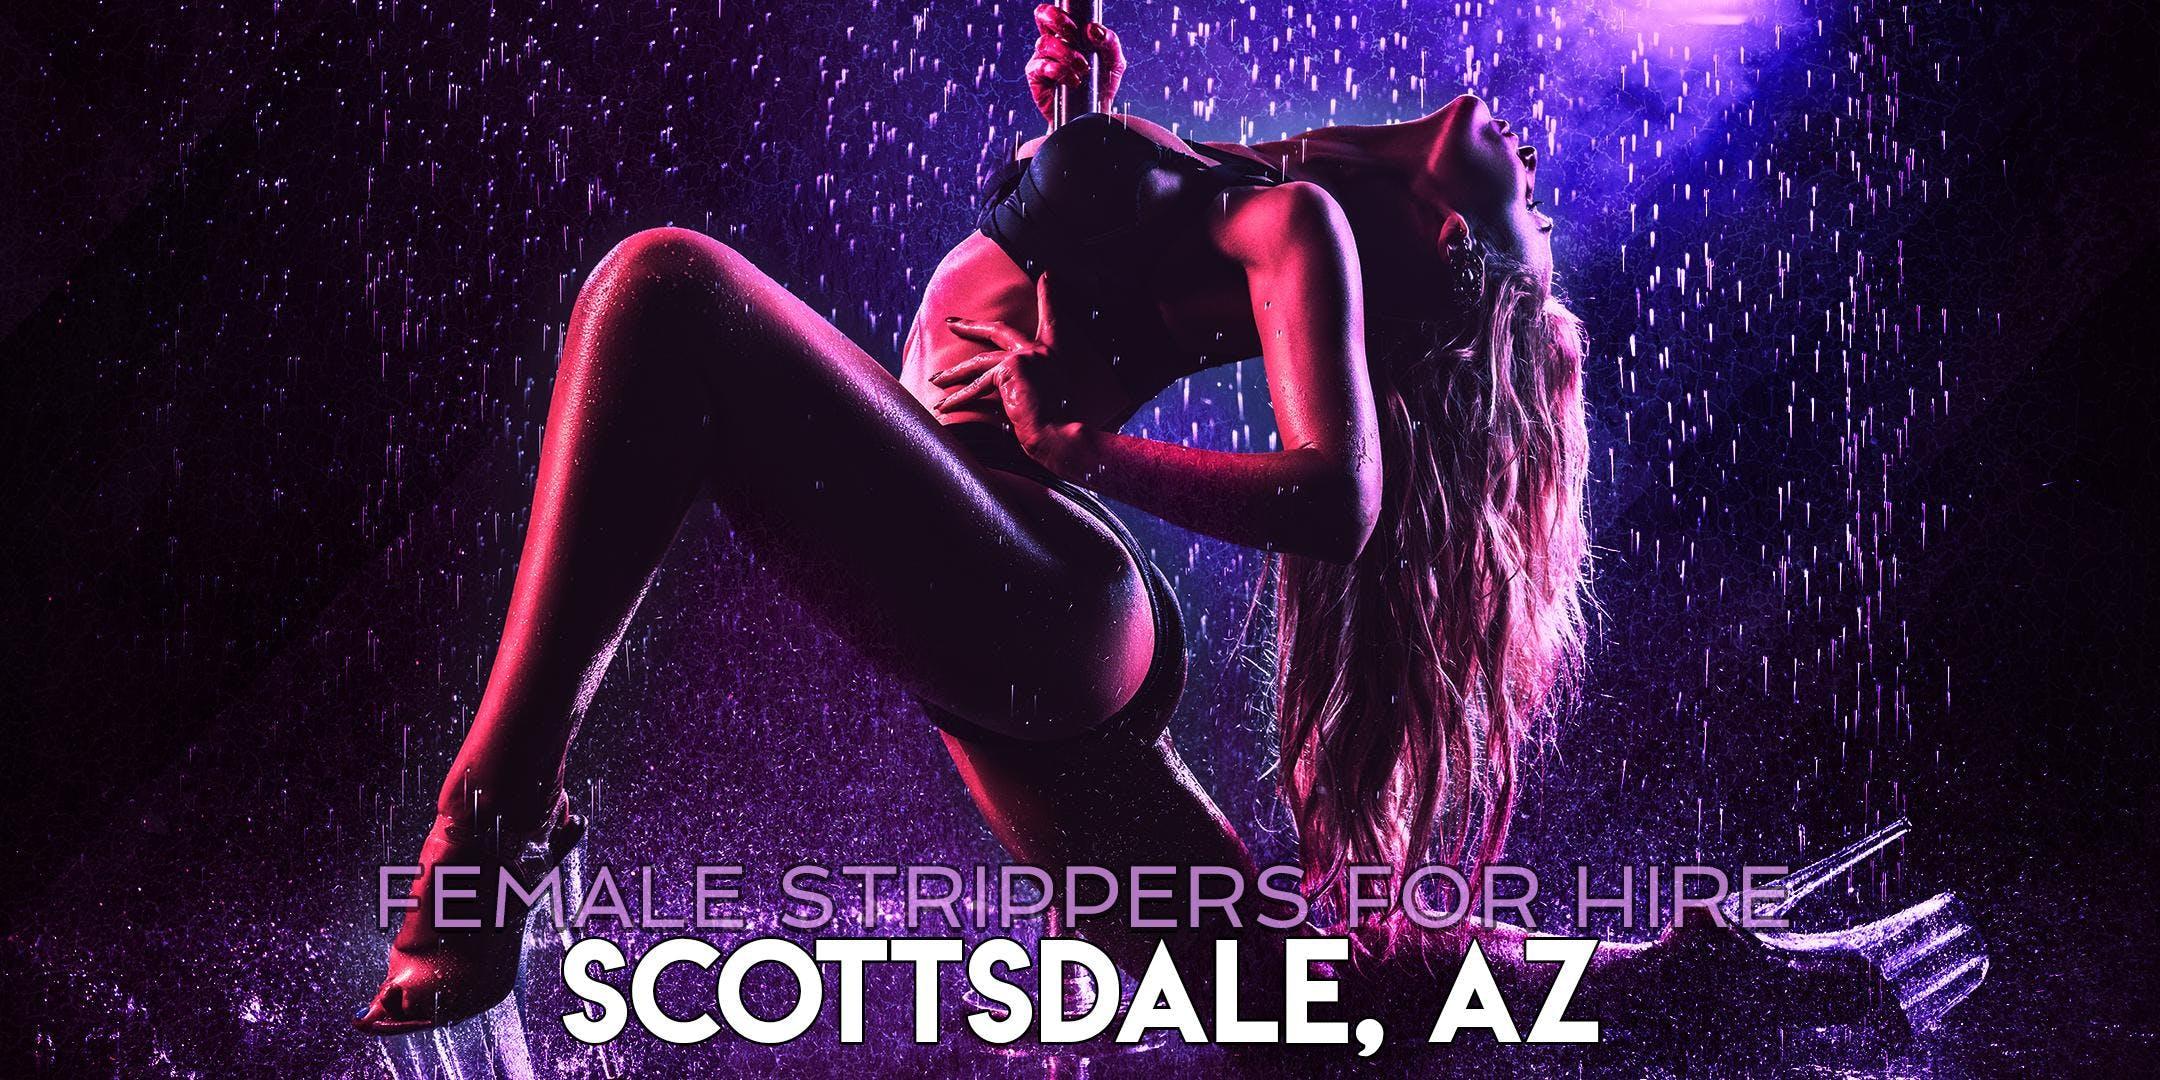 Hire a Female Stripper Scottsdale AZ - Private Party female Strippers for Hire Scottsdale